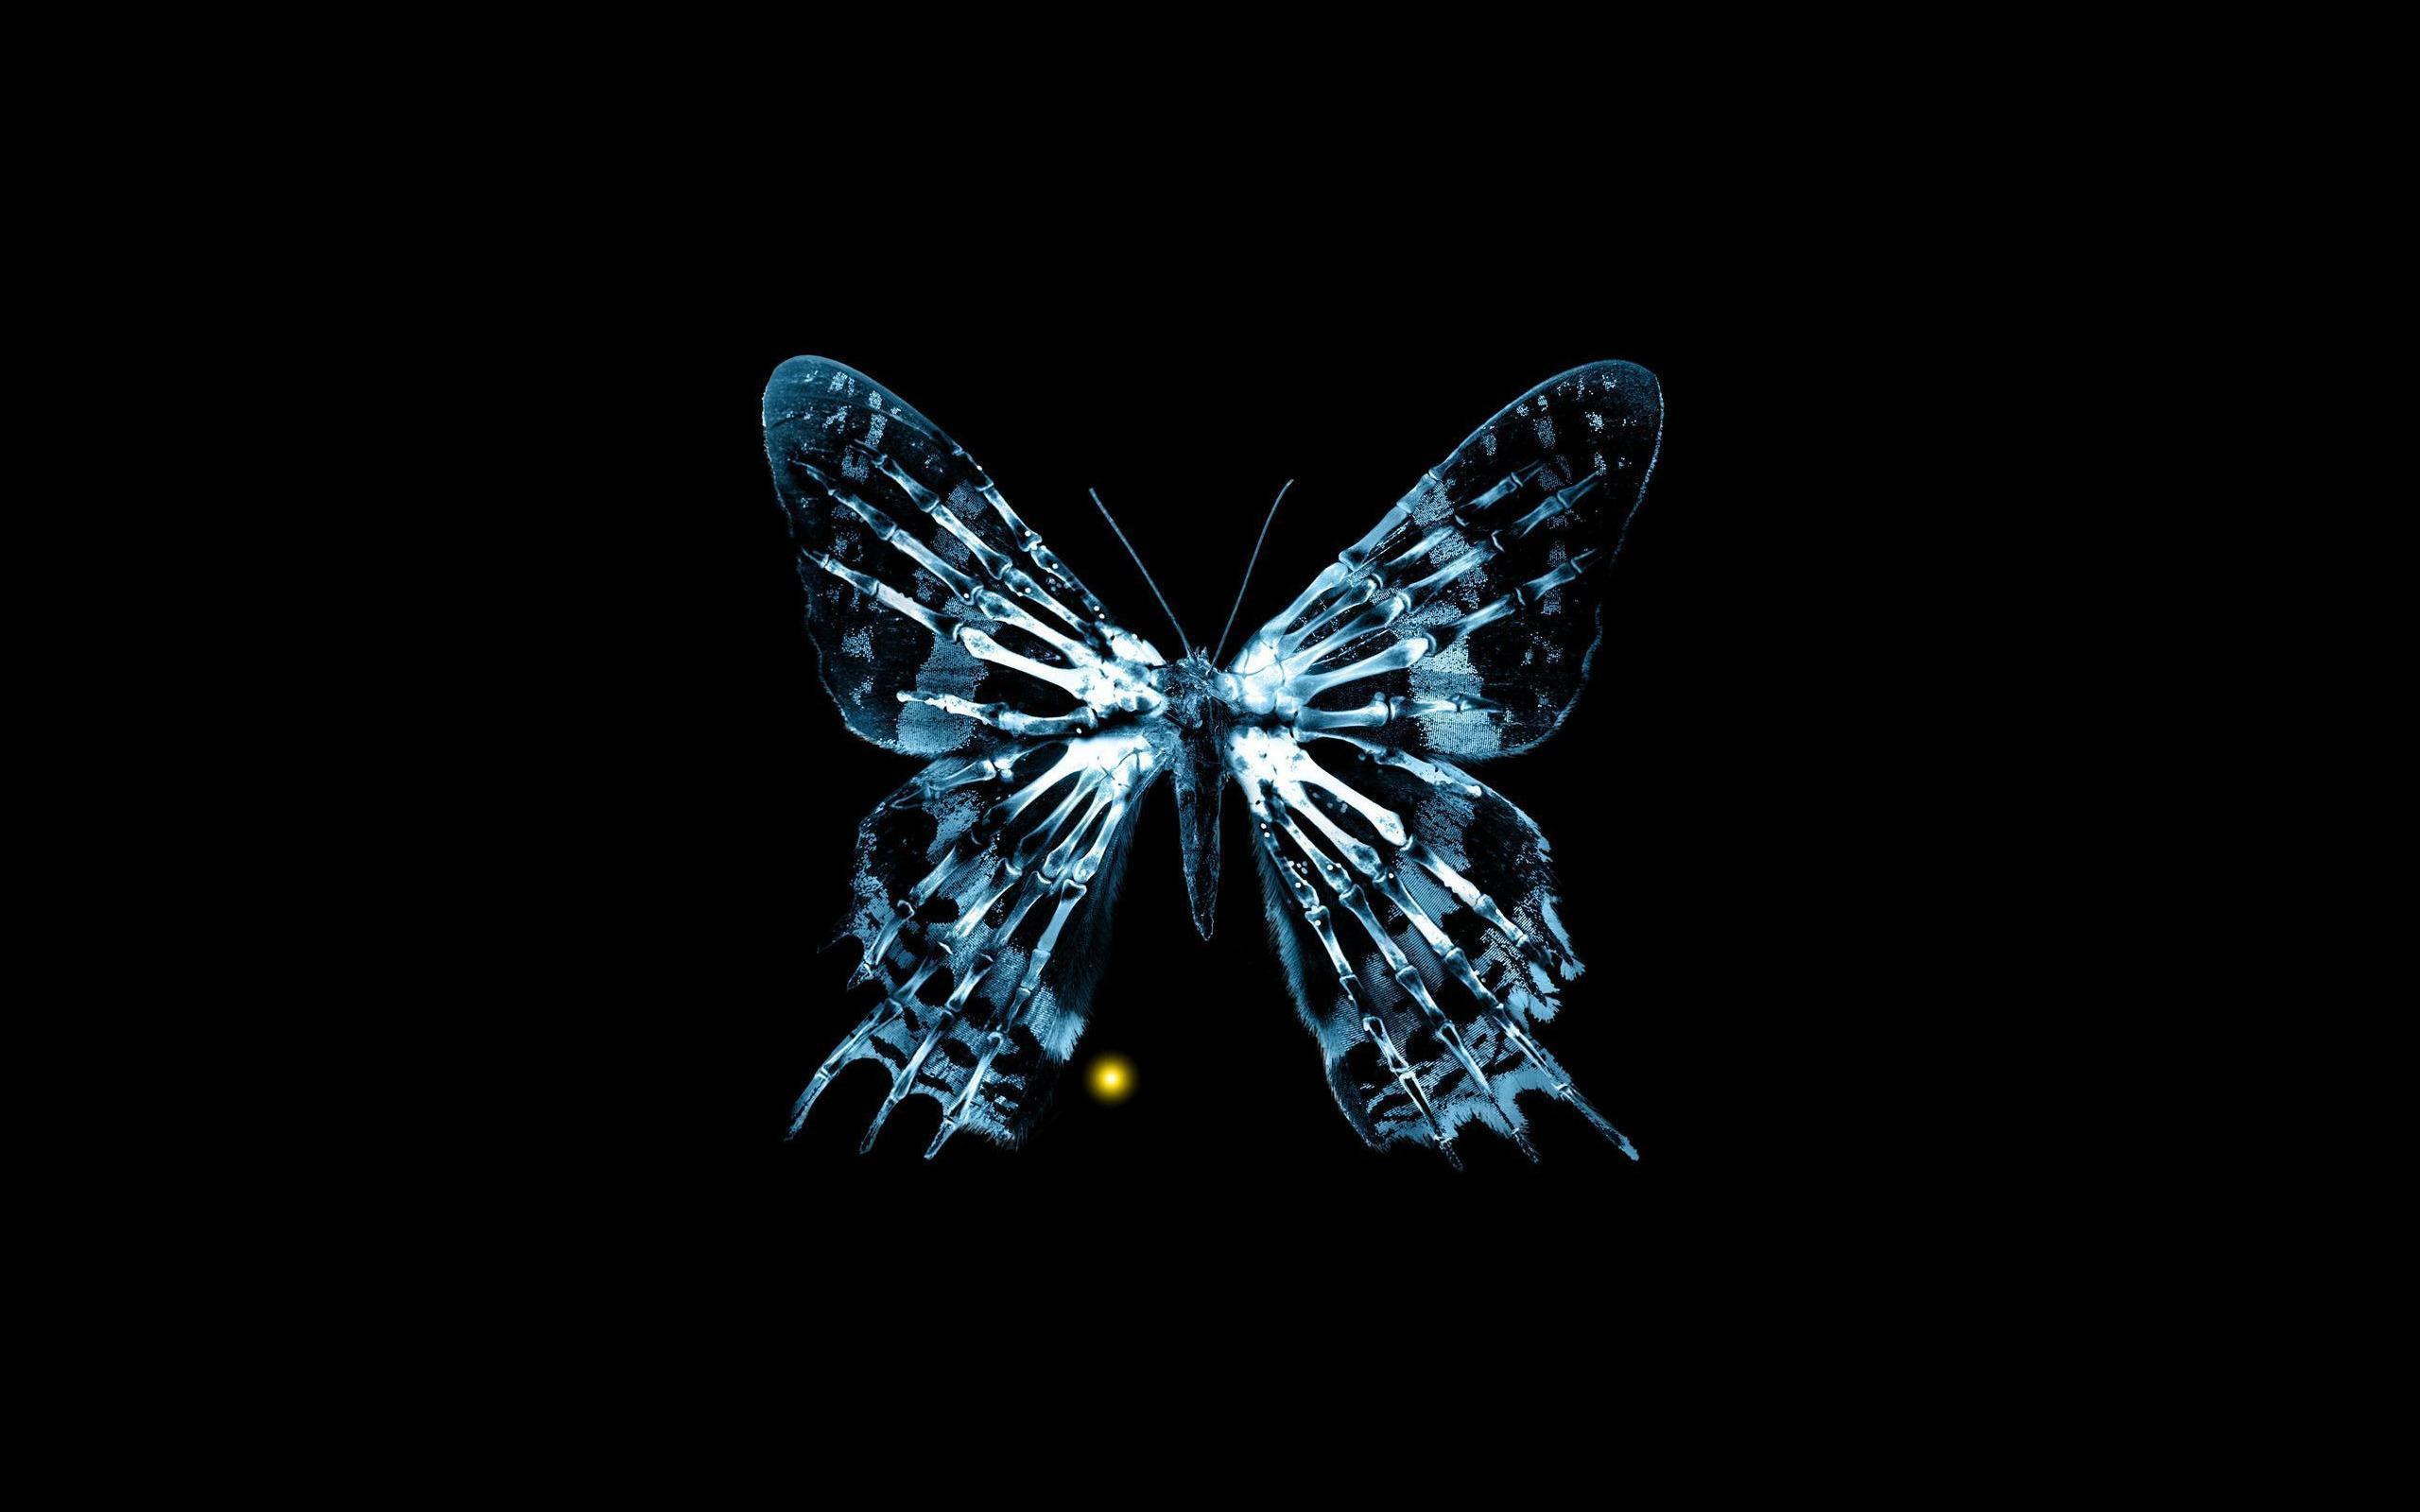 Blue Butterfly Skeleton HD desktop wallpaper : Widescreen ...